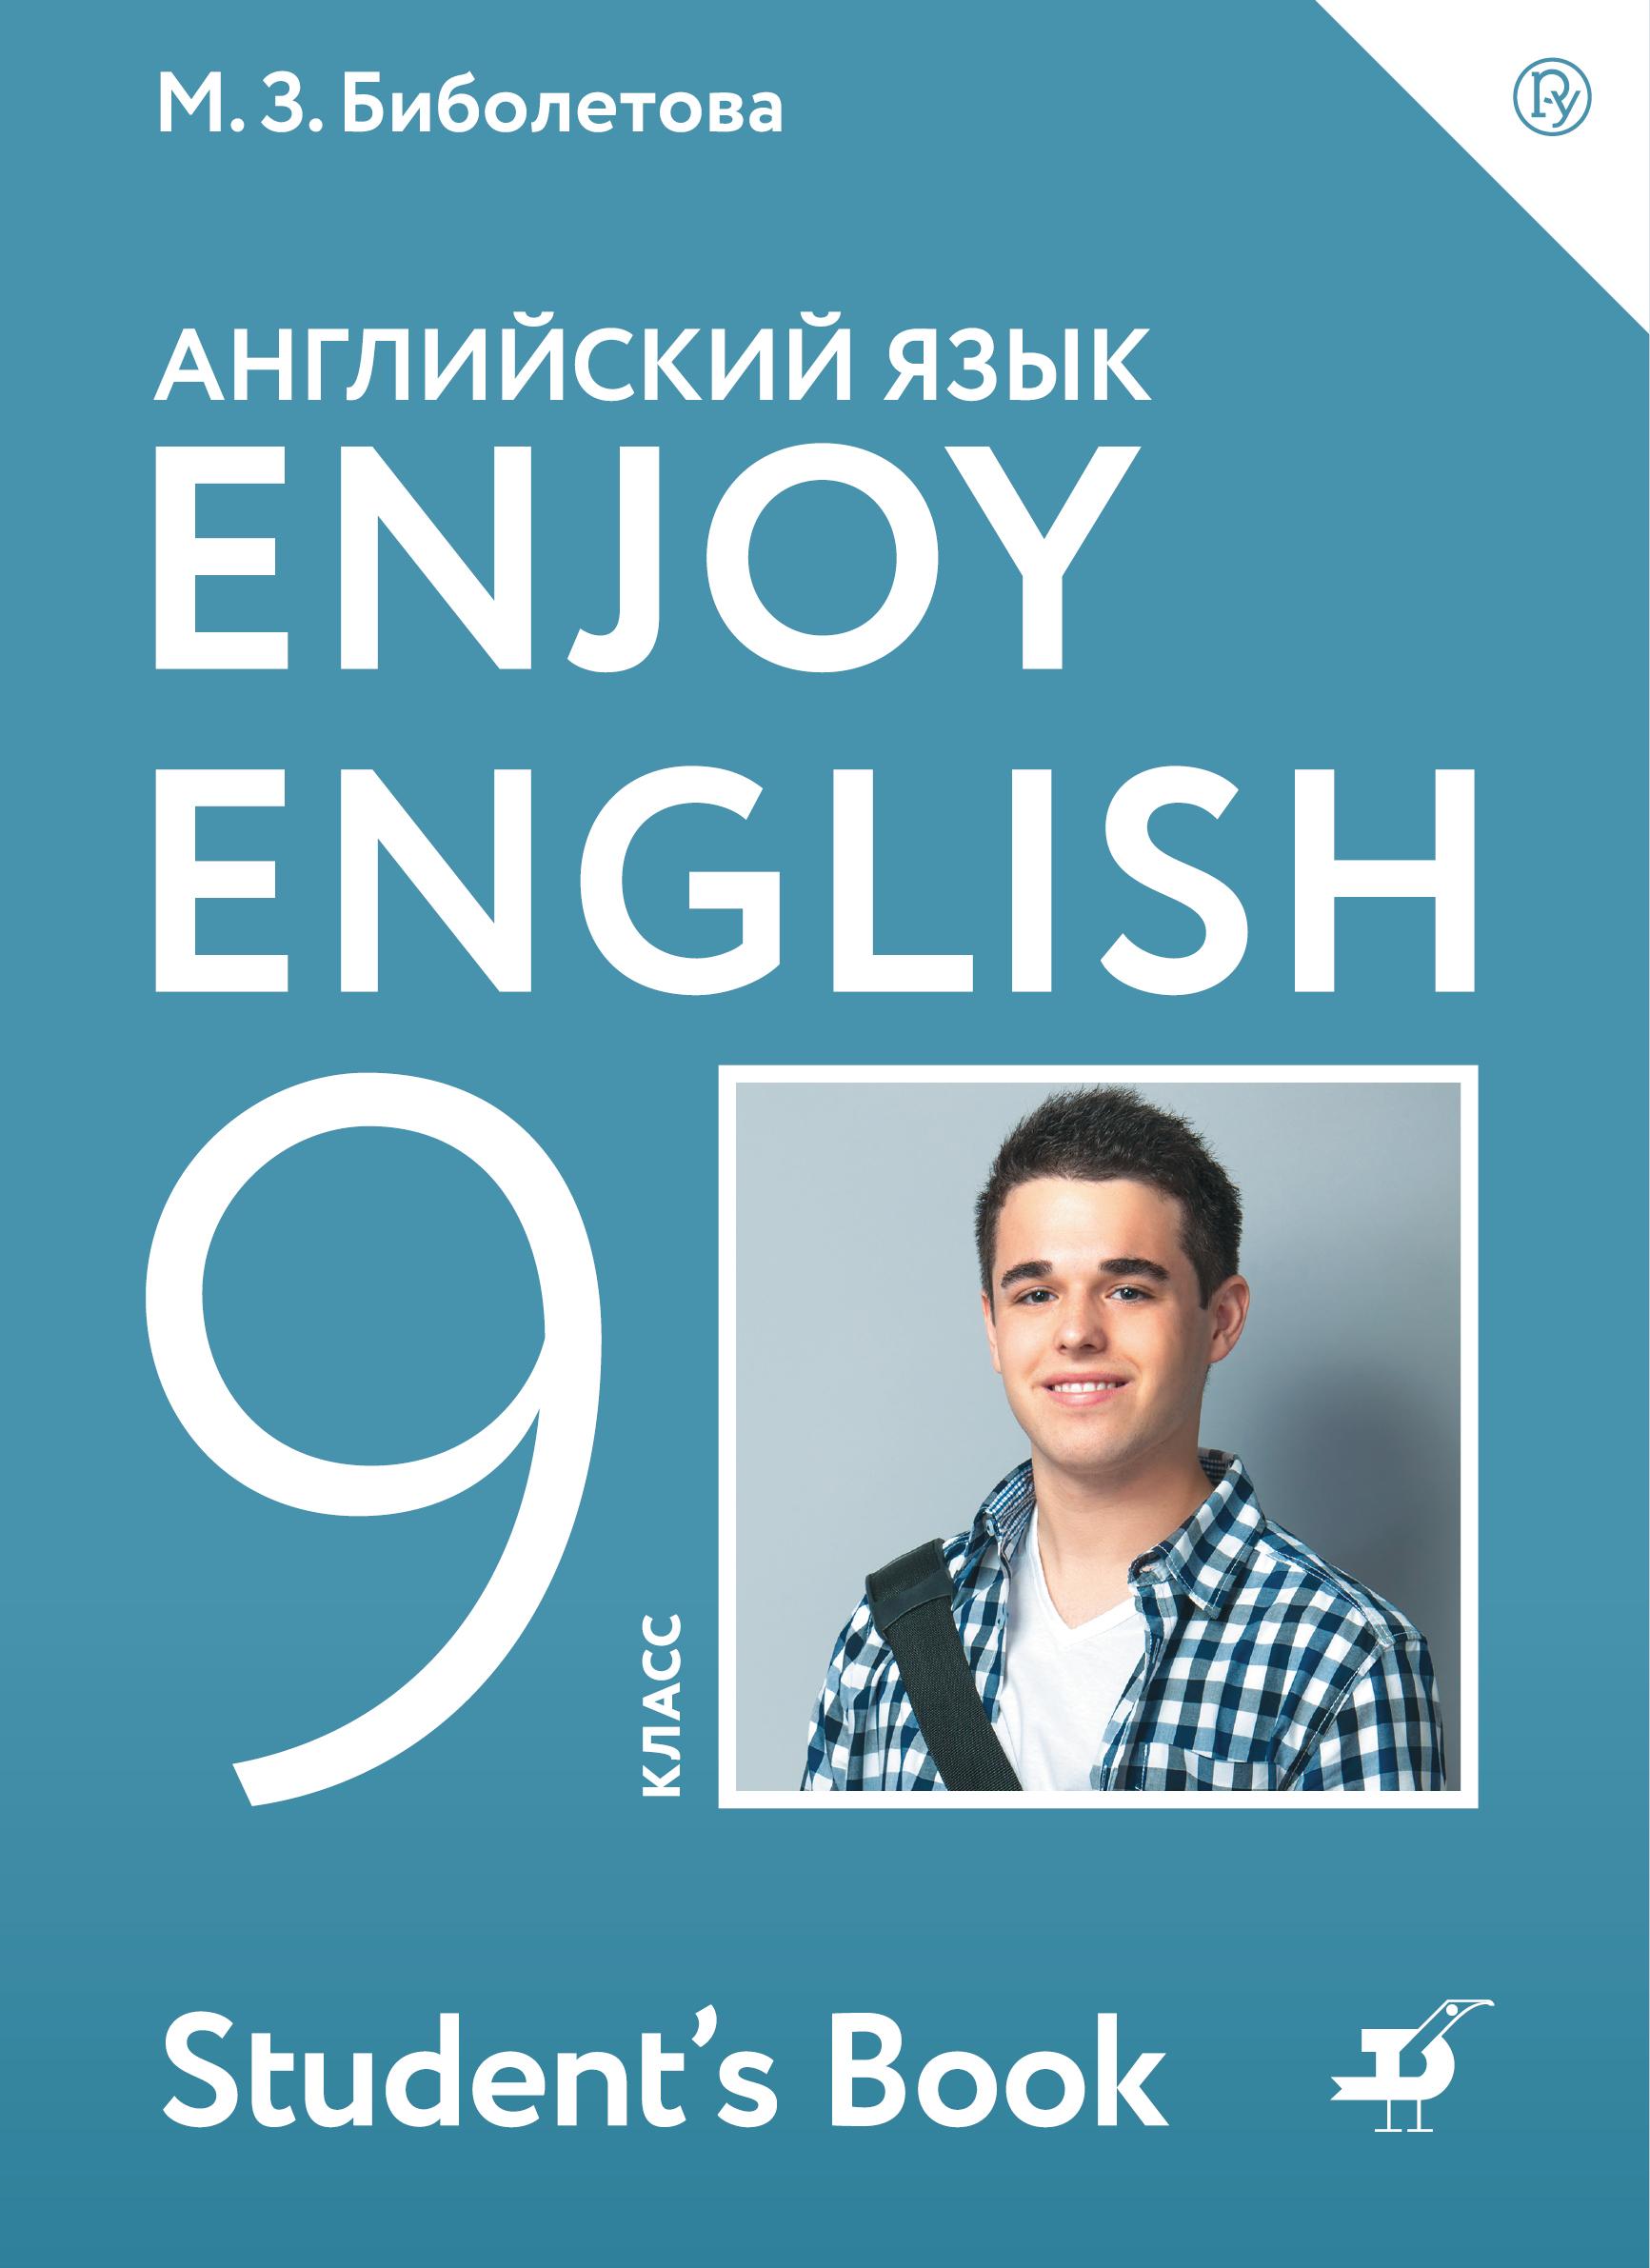 Биболетова 9 класс учебник скачать бесплатно